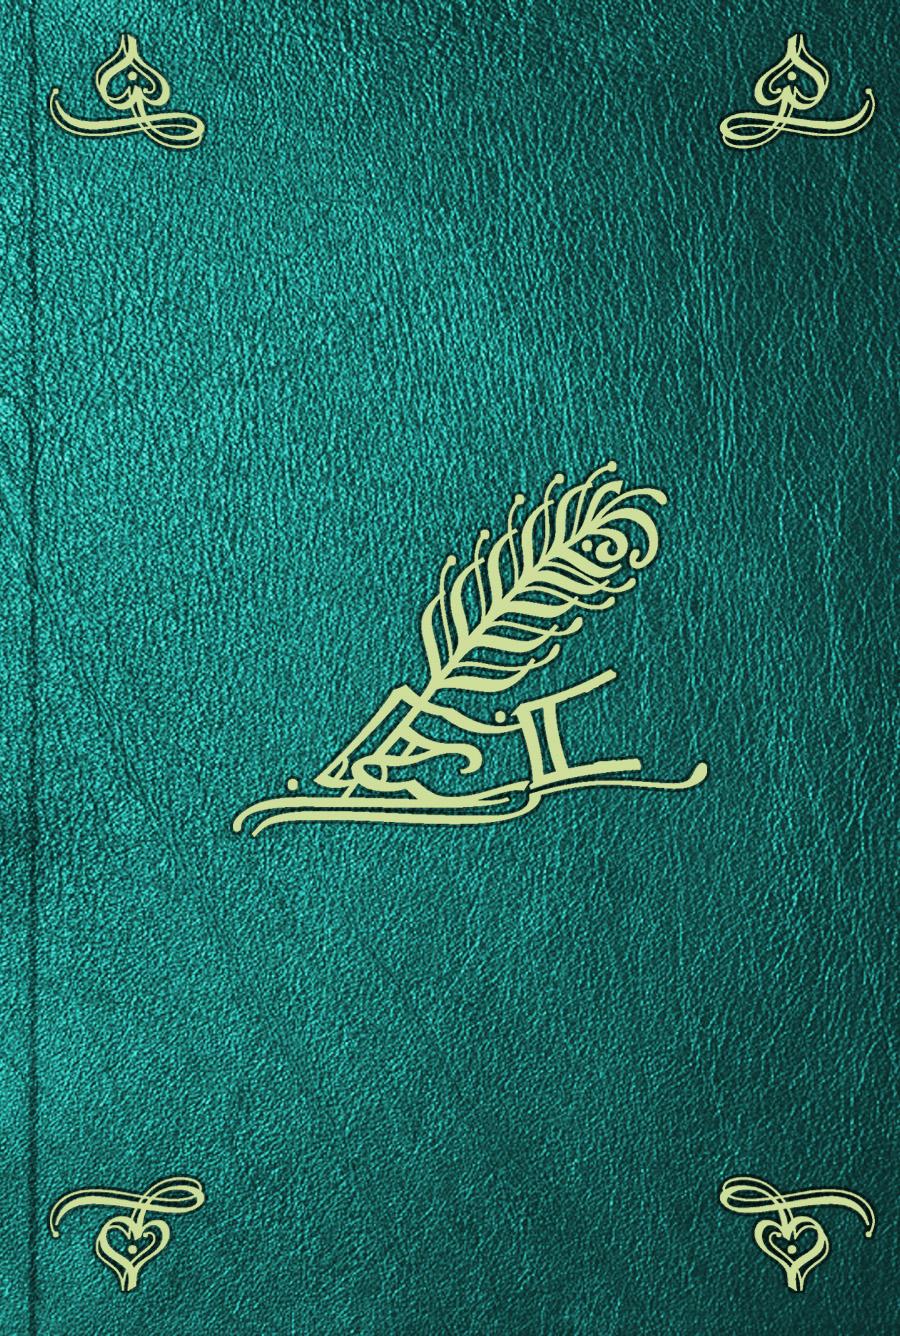 Comte de Buffon Georges Louis Leclerc Histoire naturelle. T. 18. Oiseaux comte de buffon georges louis leclerc histoire naturelle t 6 oiseaux